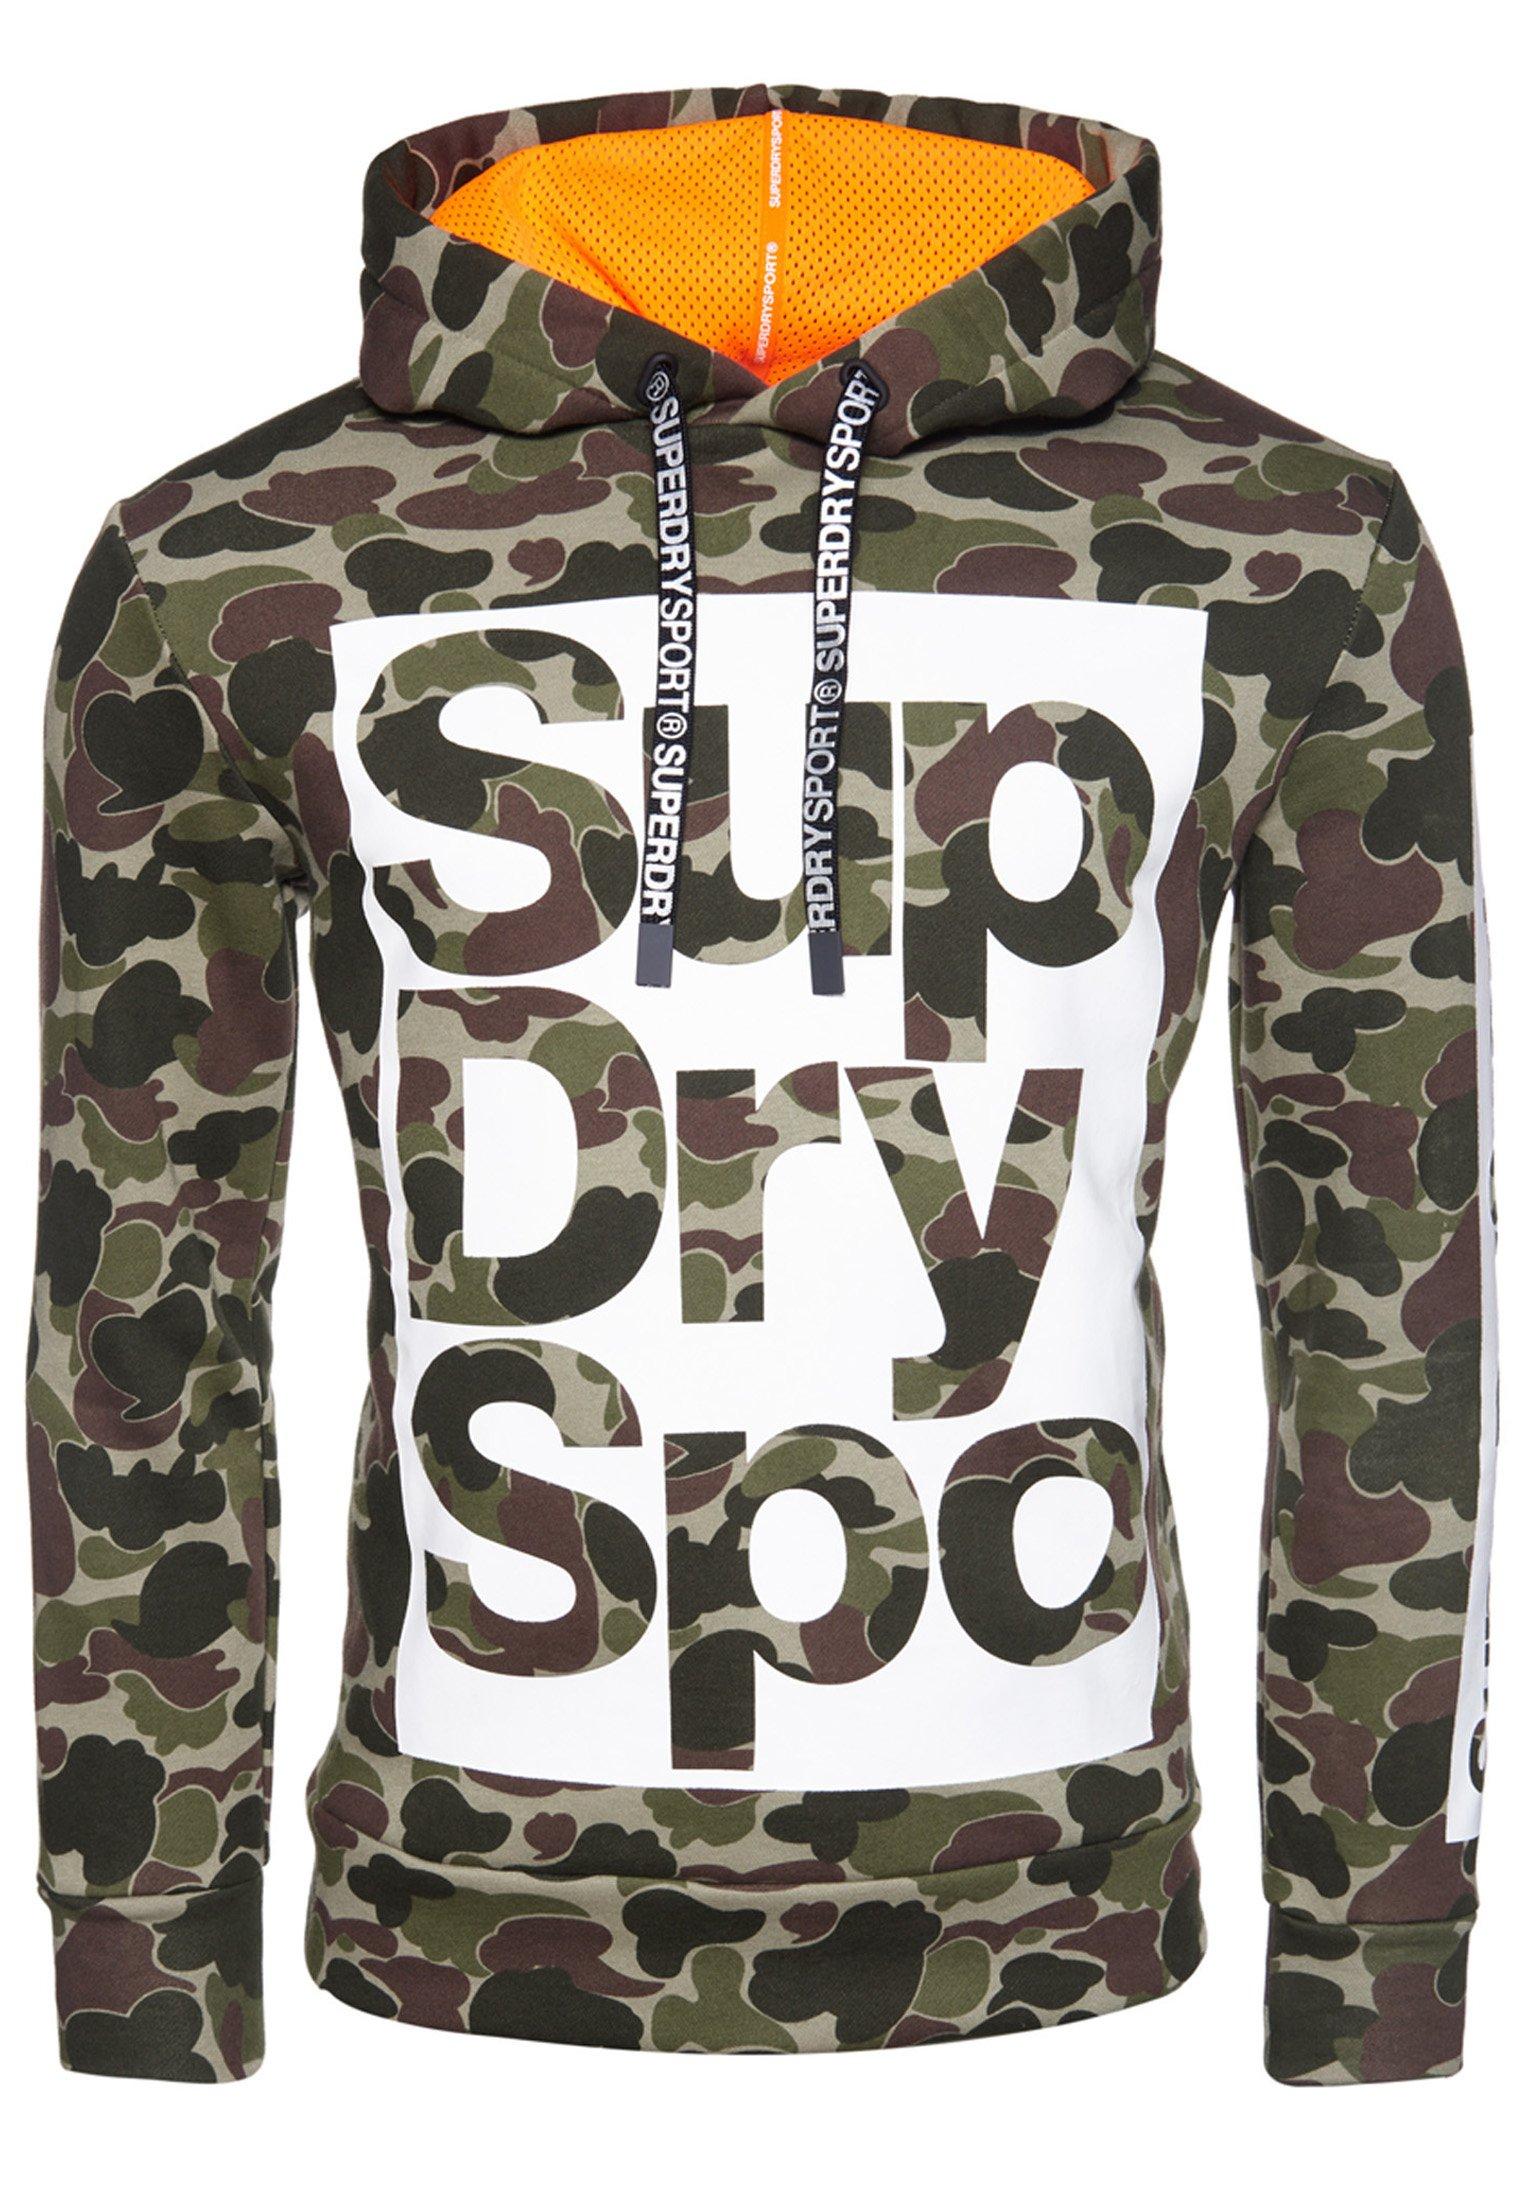 Superdry Sweatshirt - Camouflage Pattern/ Bright Orange